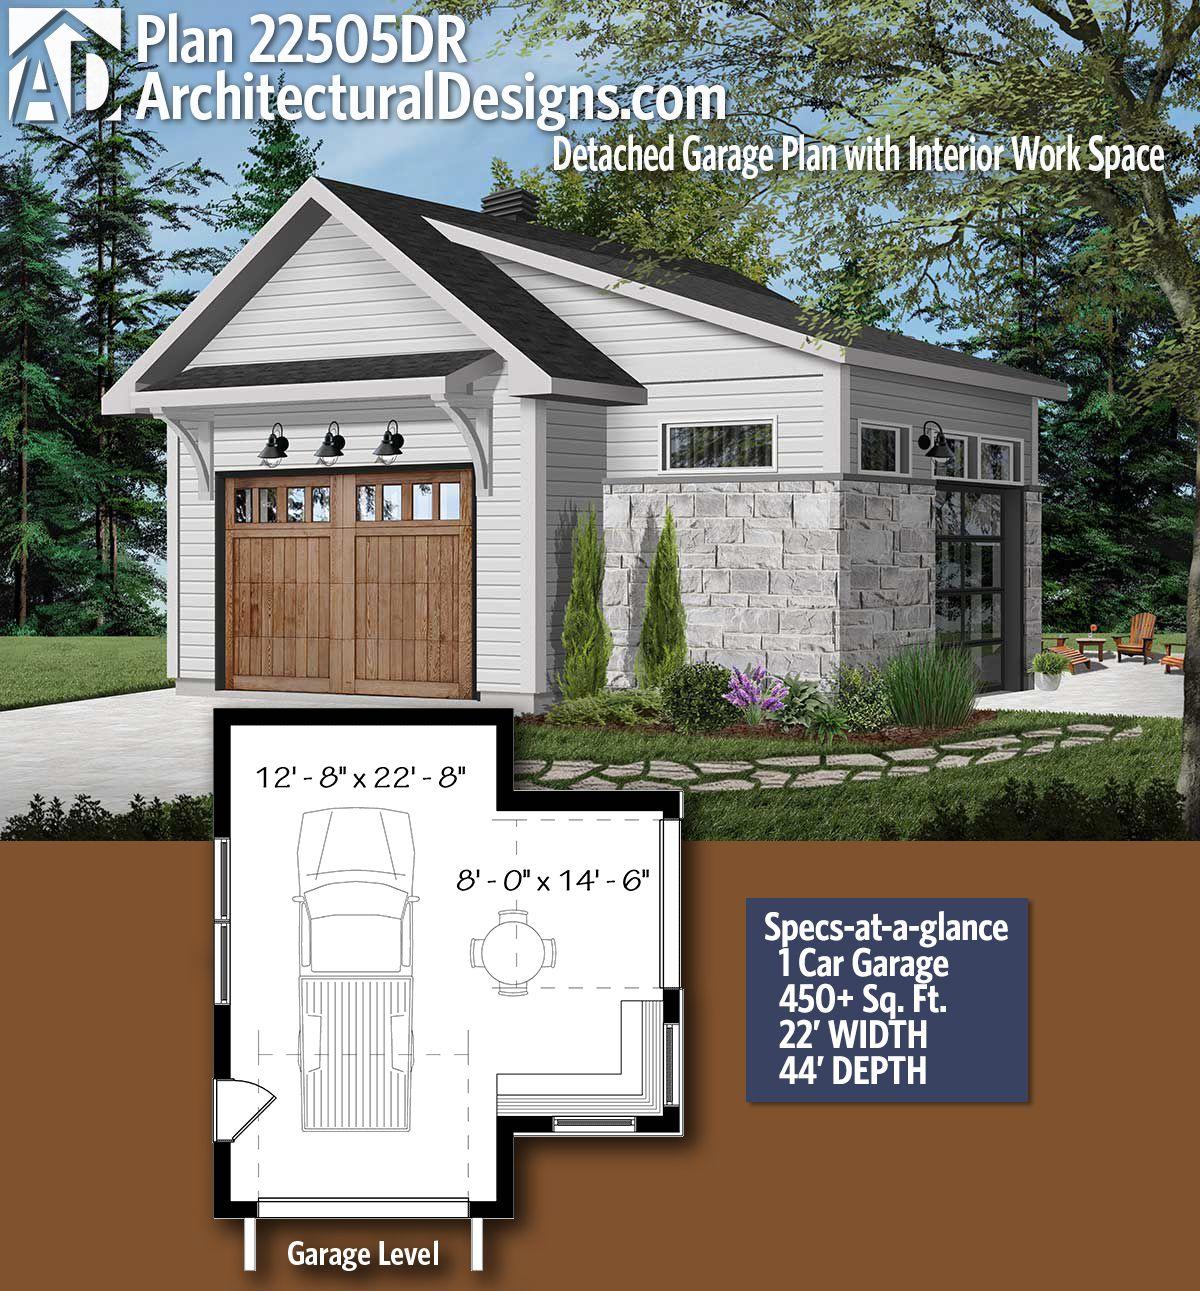 Plan 22505DR: Detached Garage Plan With Interior Work